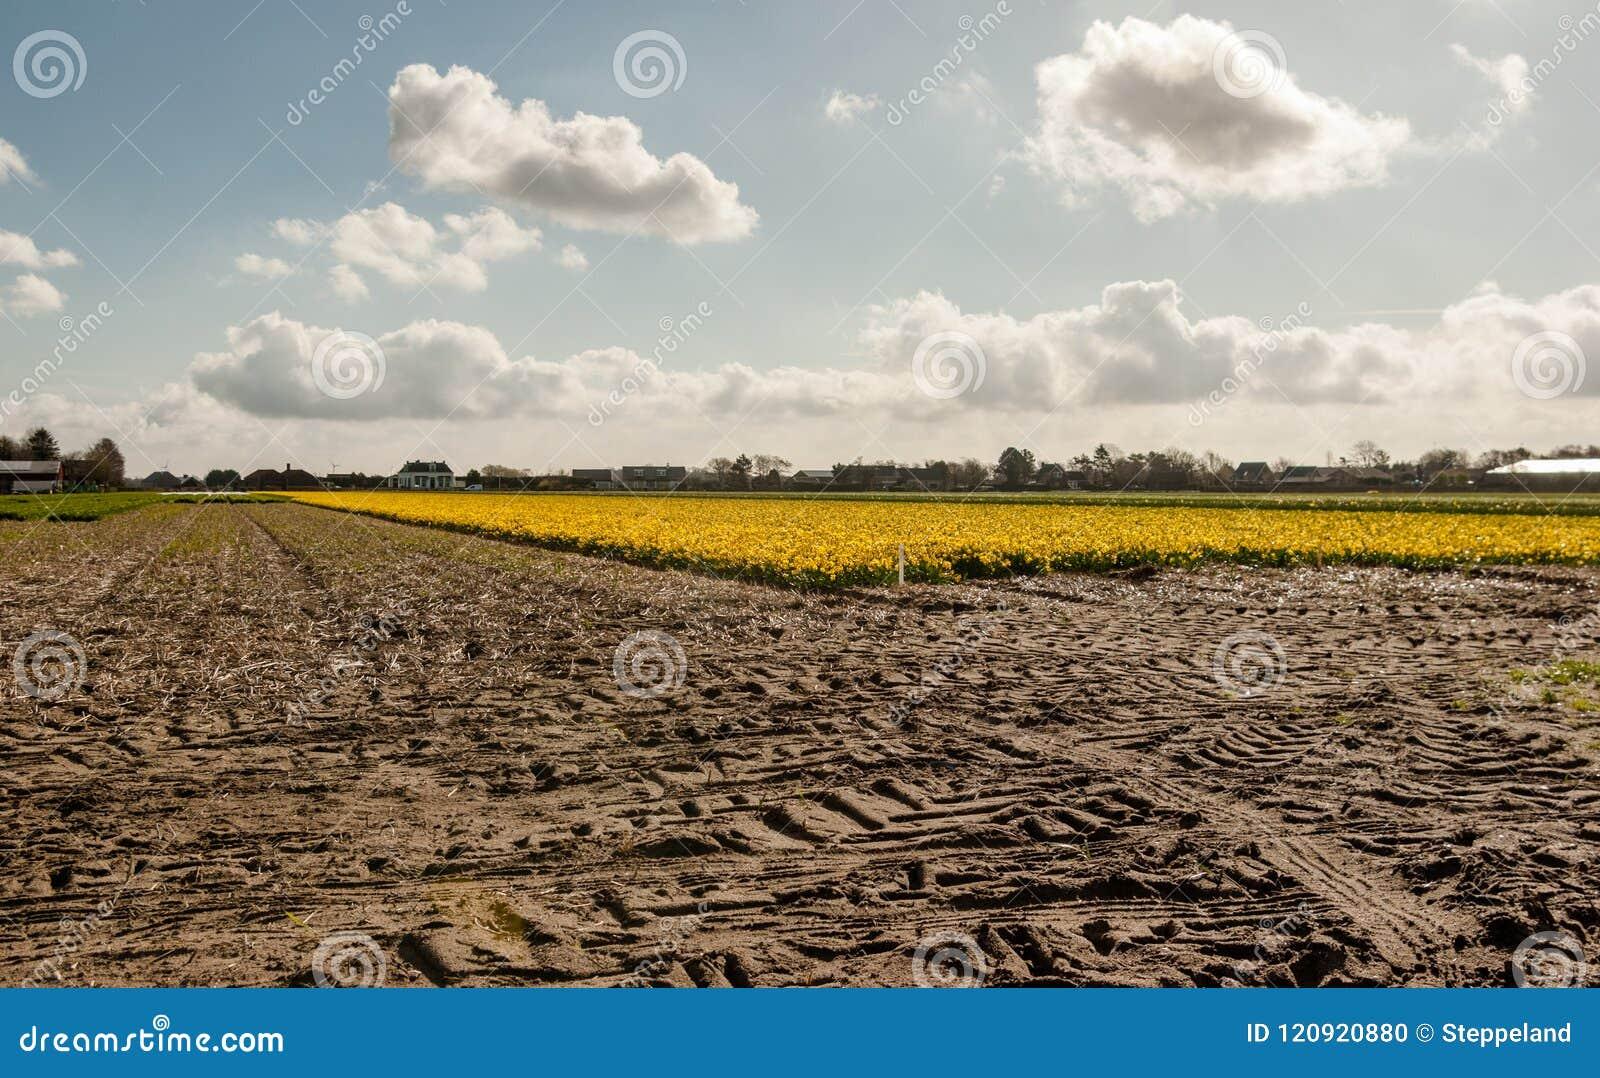 Traktorspuren auf dem flowerfield